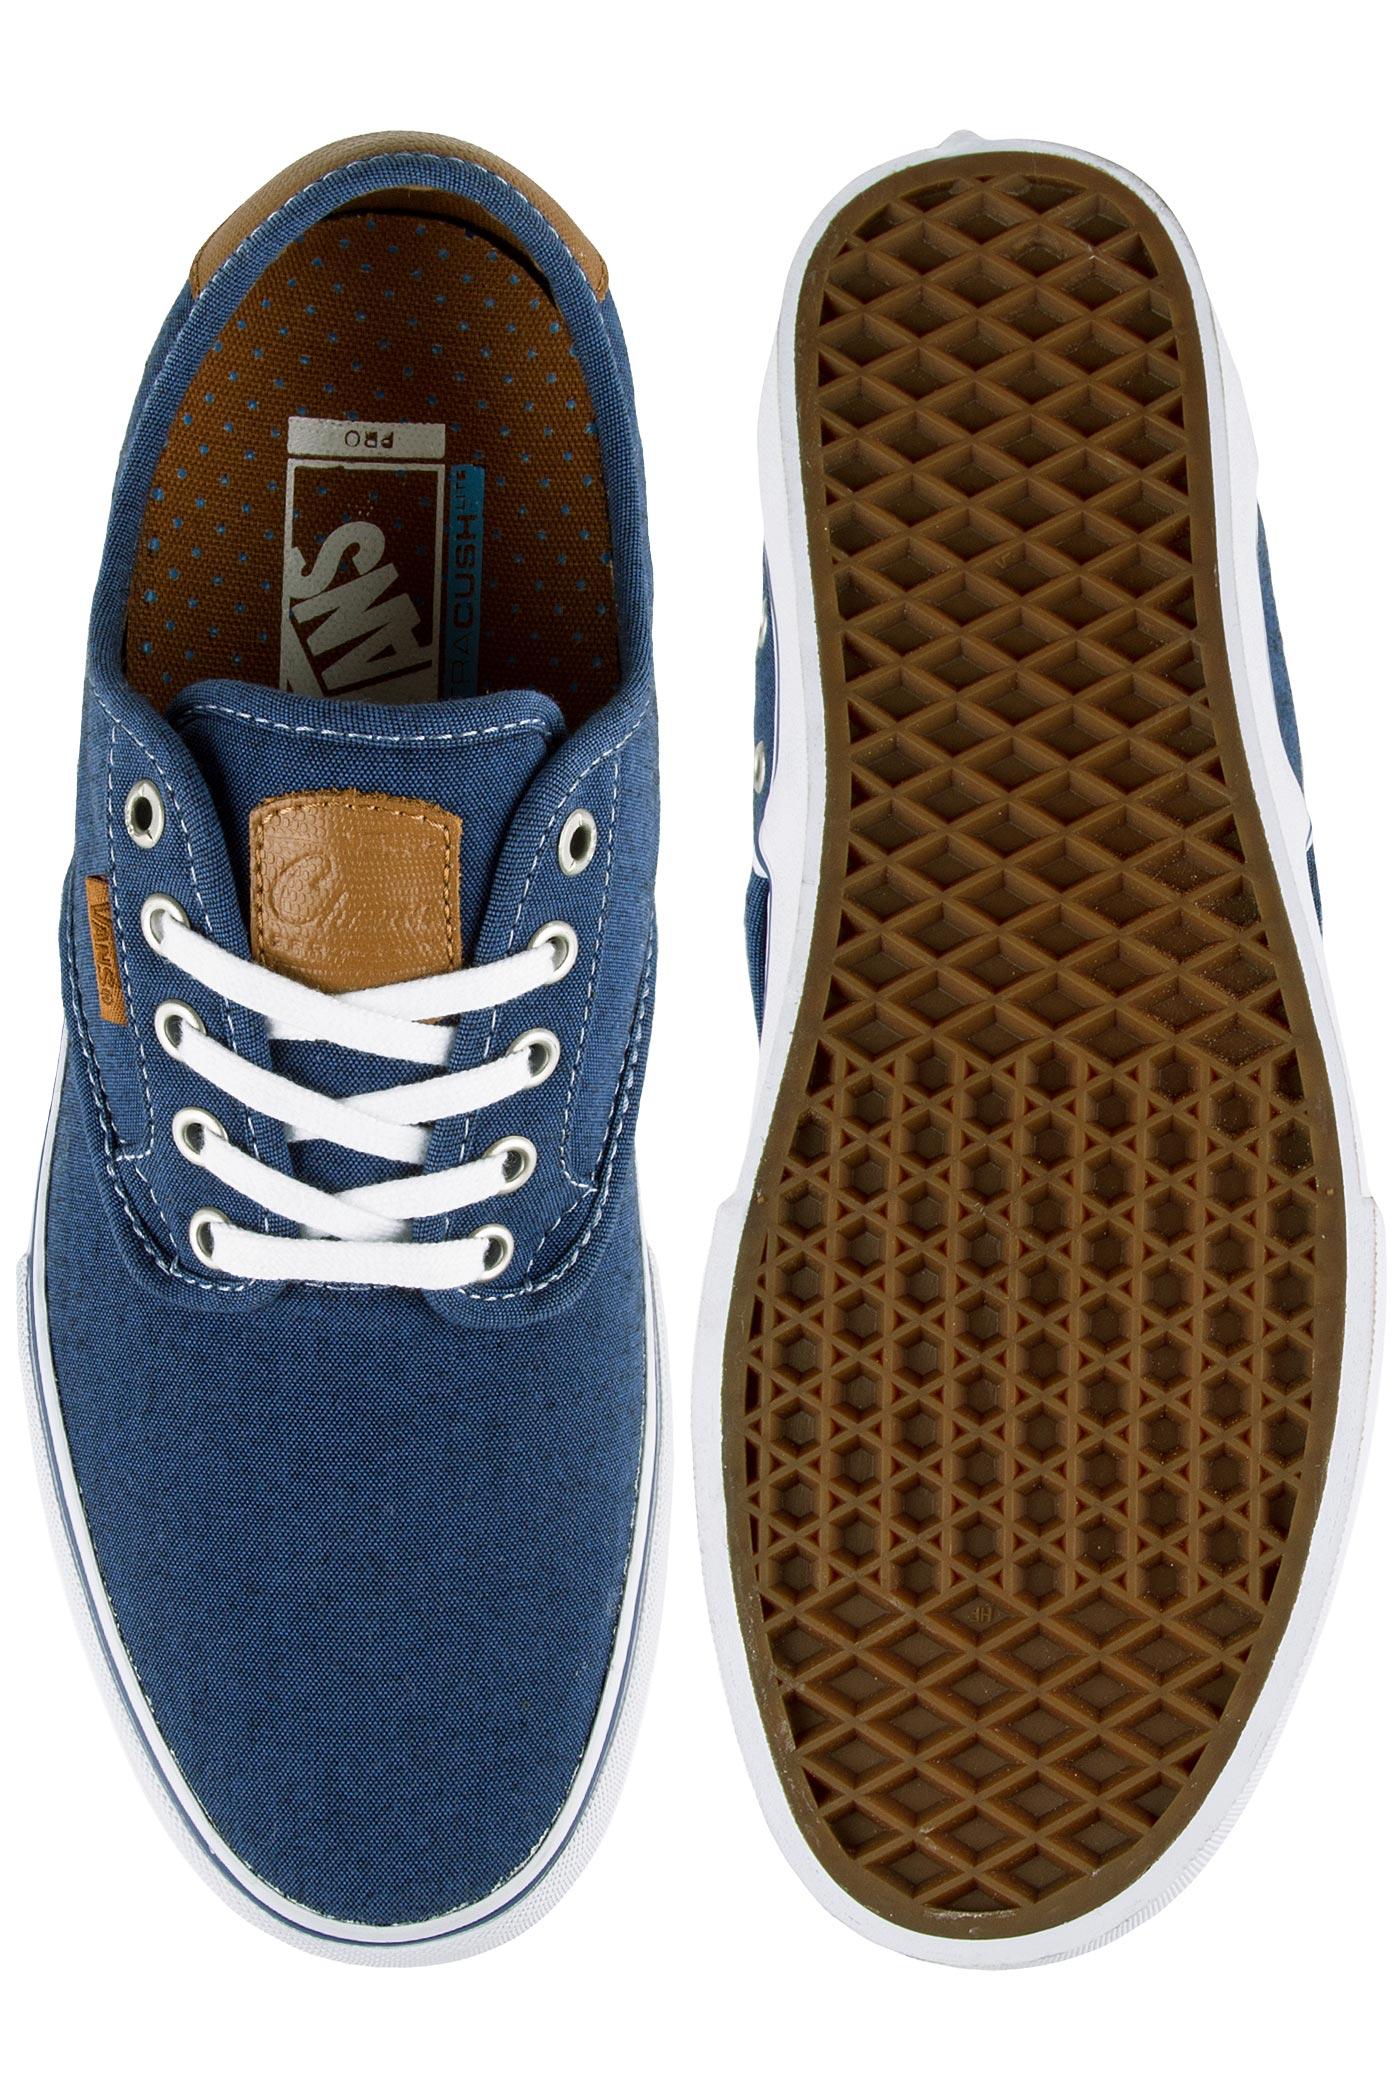 284814b81db520 Vans Chima Ferguson Pro Shoe (oxford blue) buy at skatedeluxe